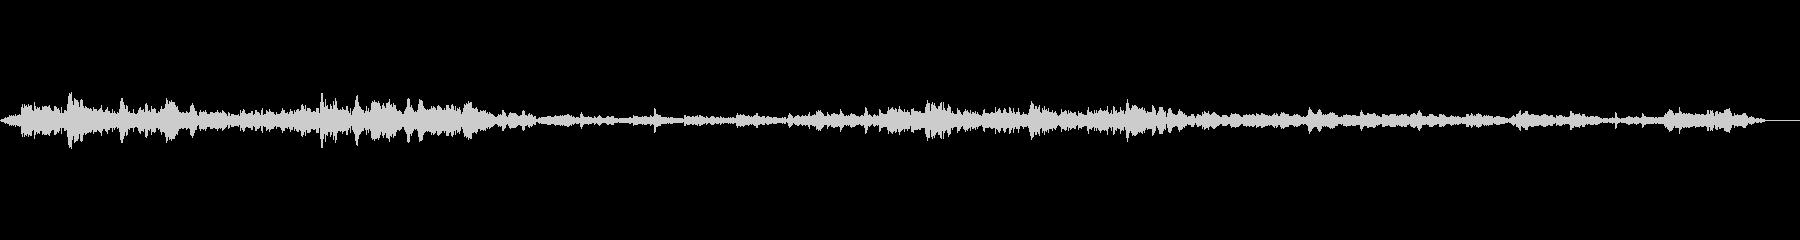 音楽;厚い壁を通り抜ける女性ボーカ...の未再生の波形